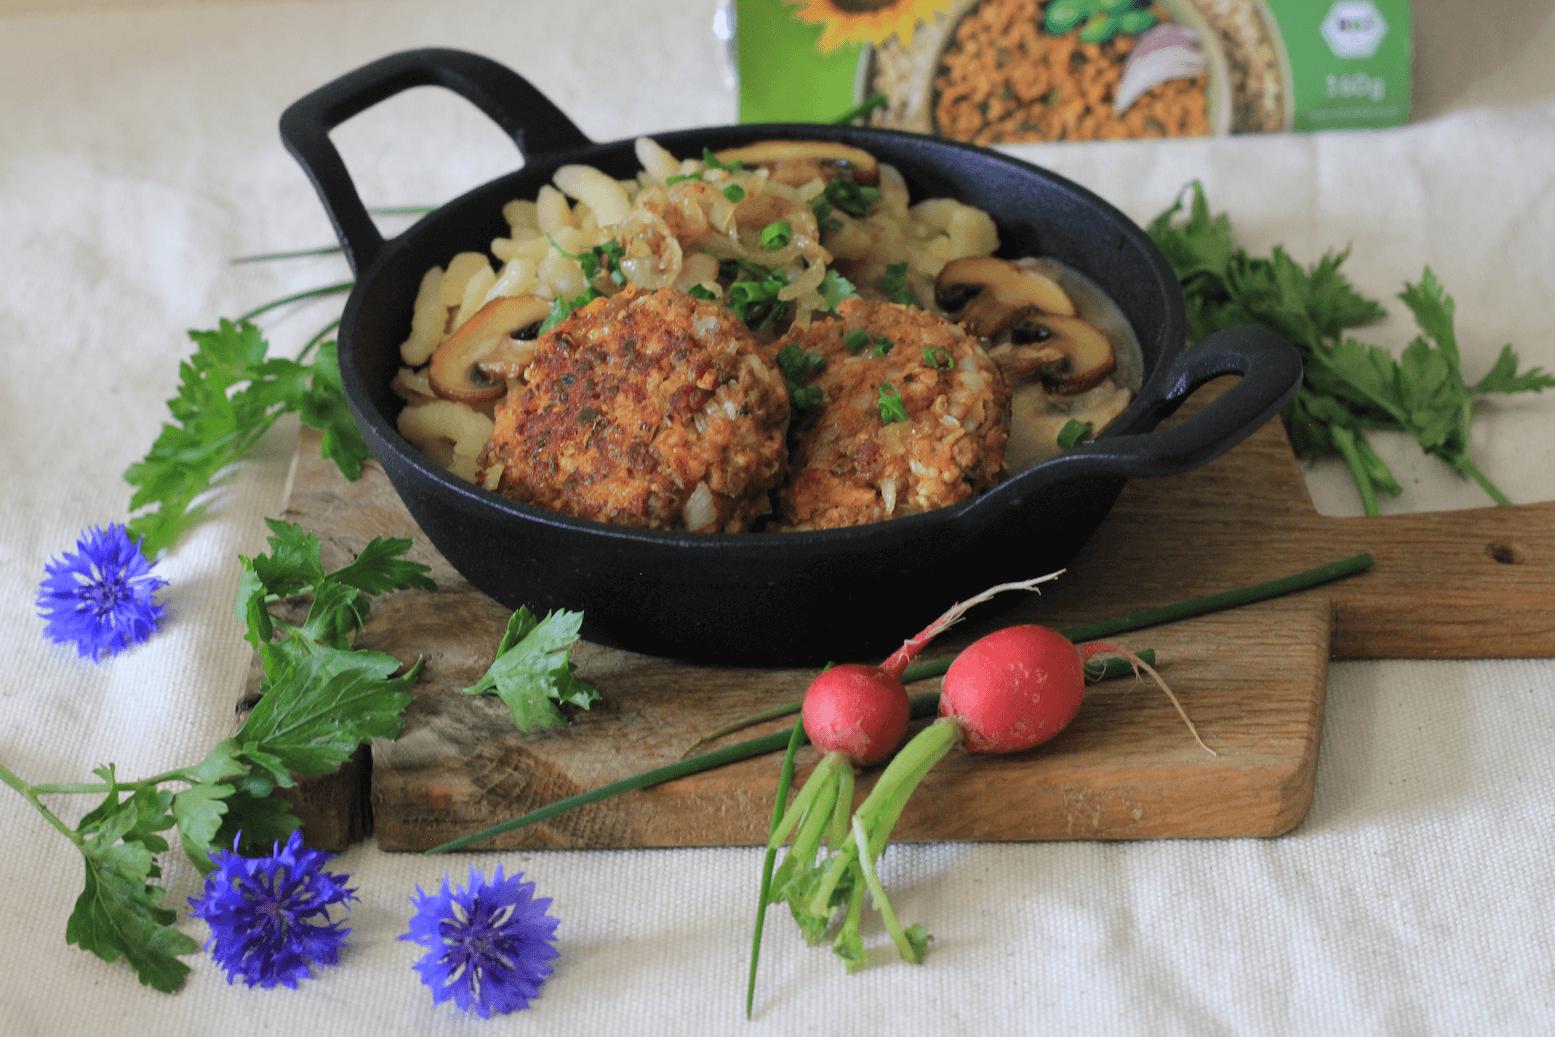 Vegane Fleischpflanzern mit Rahmschwammerlsauce. Mit unserem Rezept gelingt dir der Klassiker auch in vegan!